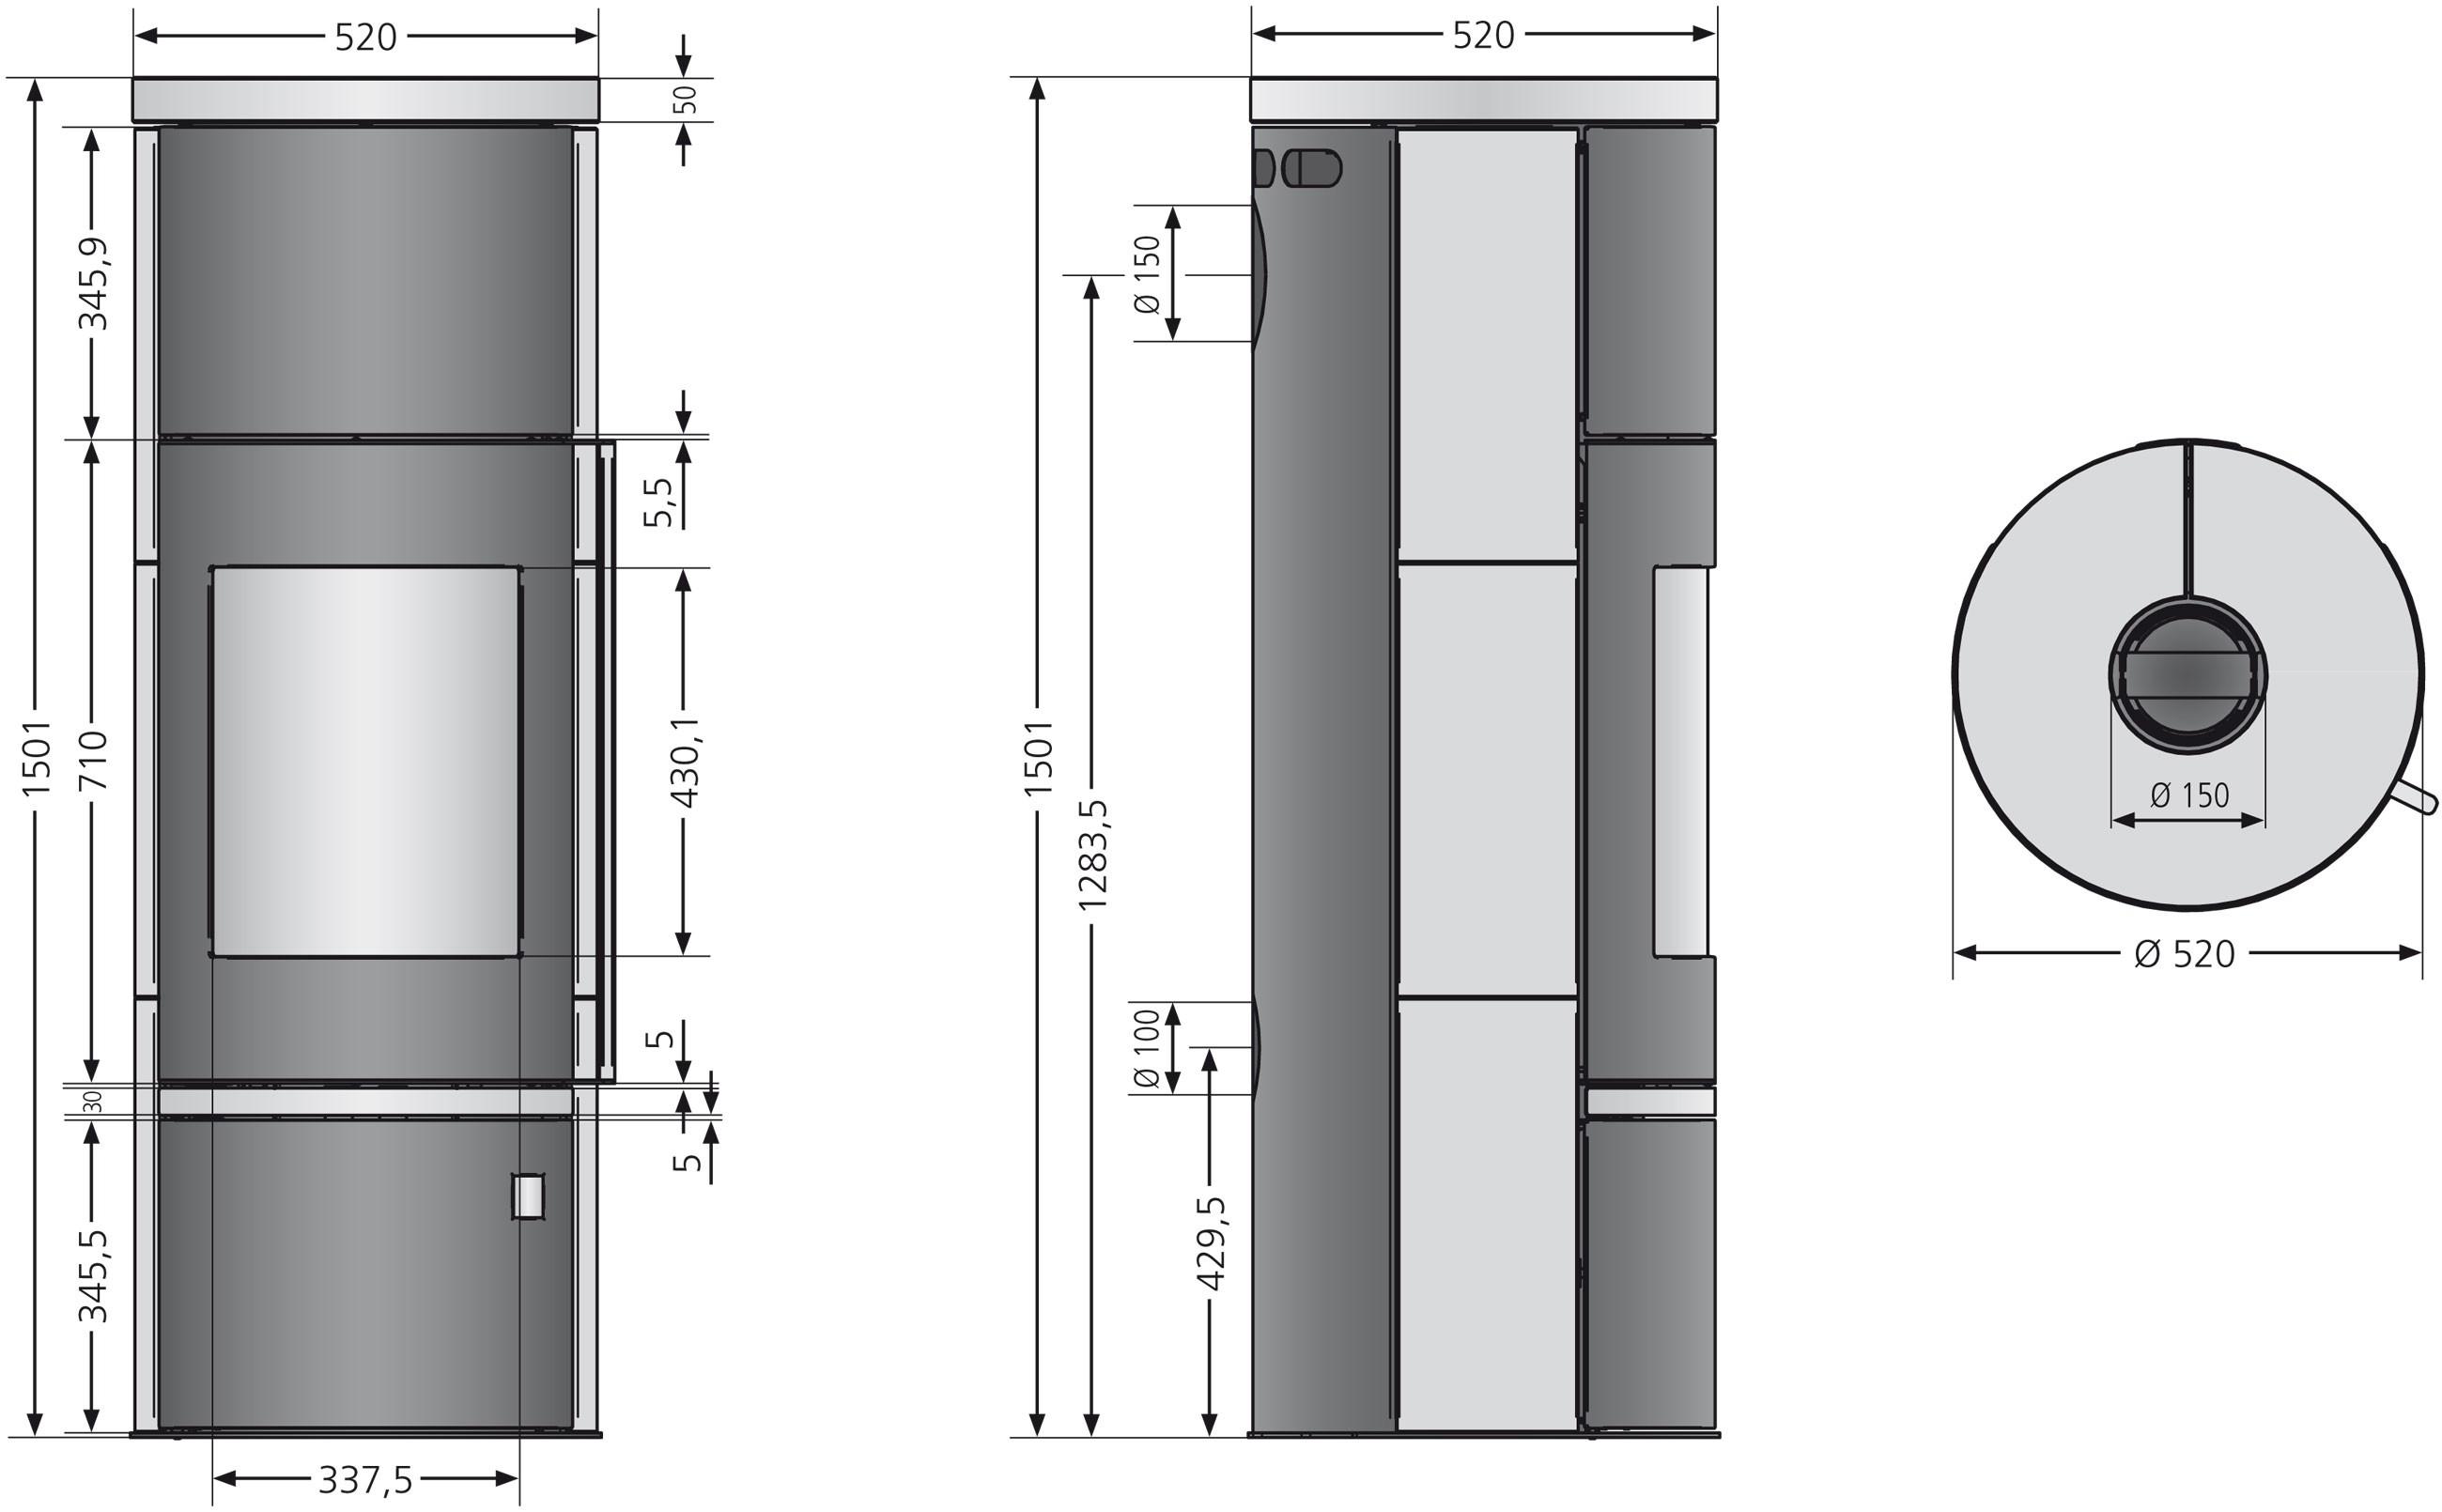 Kaminofen Justus Faro W+ 2.0 raumluftunabhängig schwarz Speckstein 7kW Bild 3